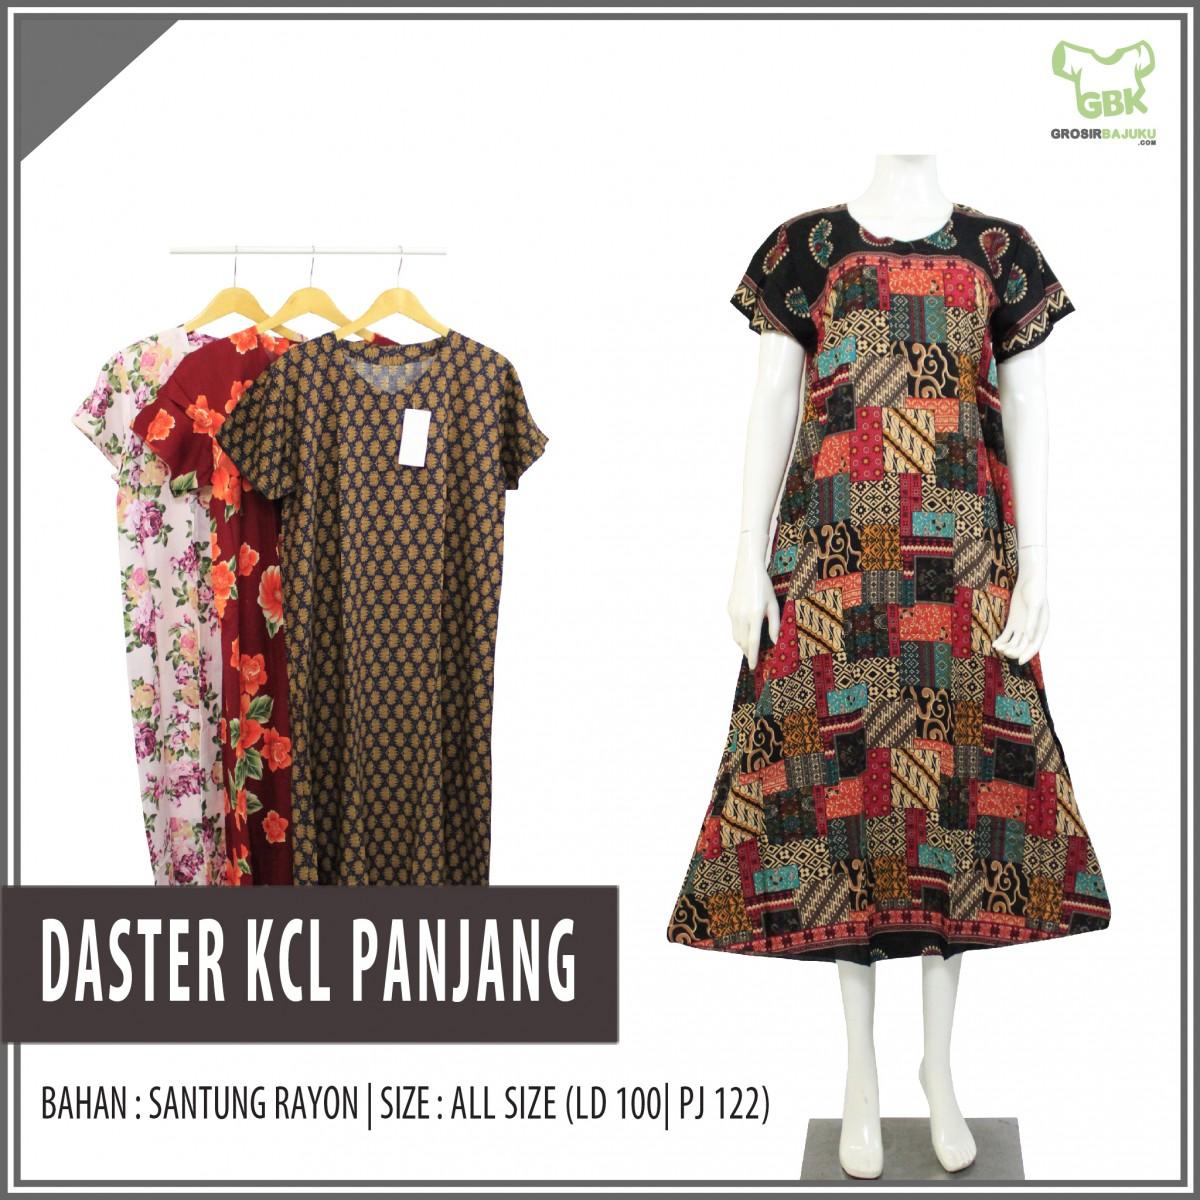 Produsen Daster Batik 18000 Supplier Daster KCL Panjang Murah di Semarang